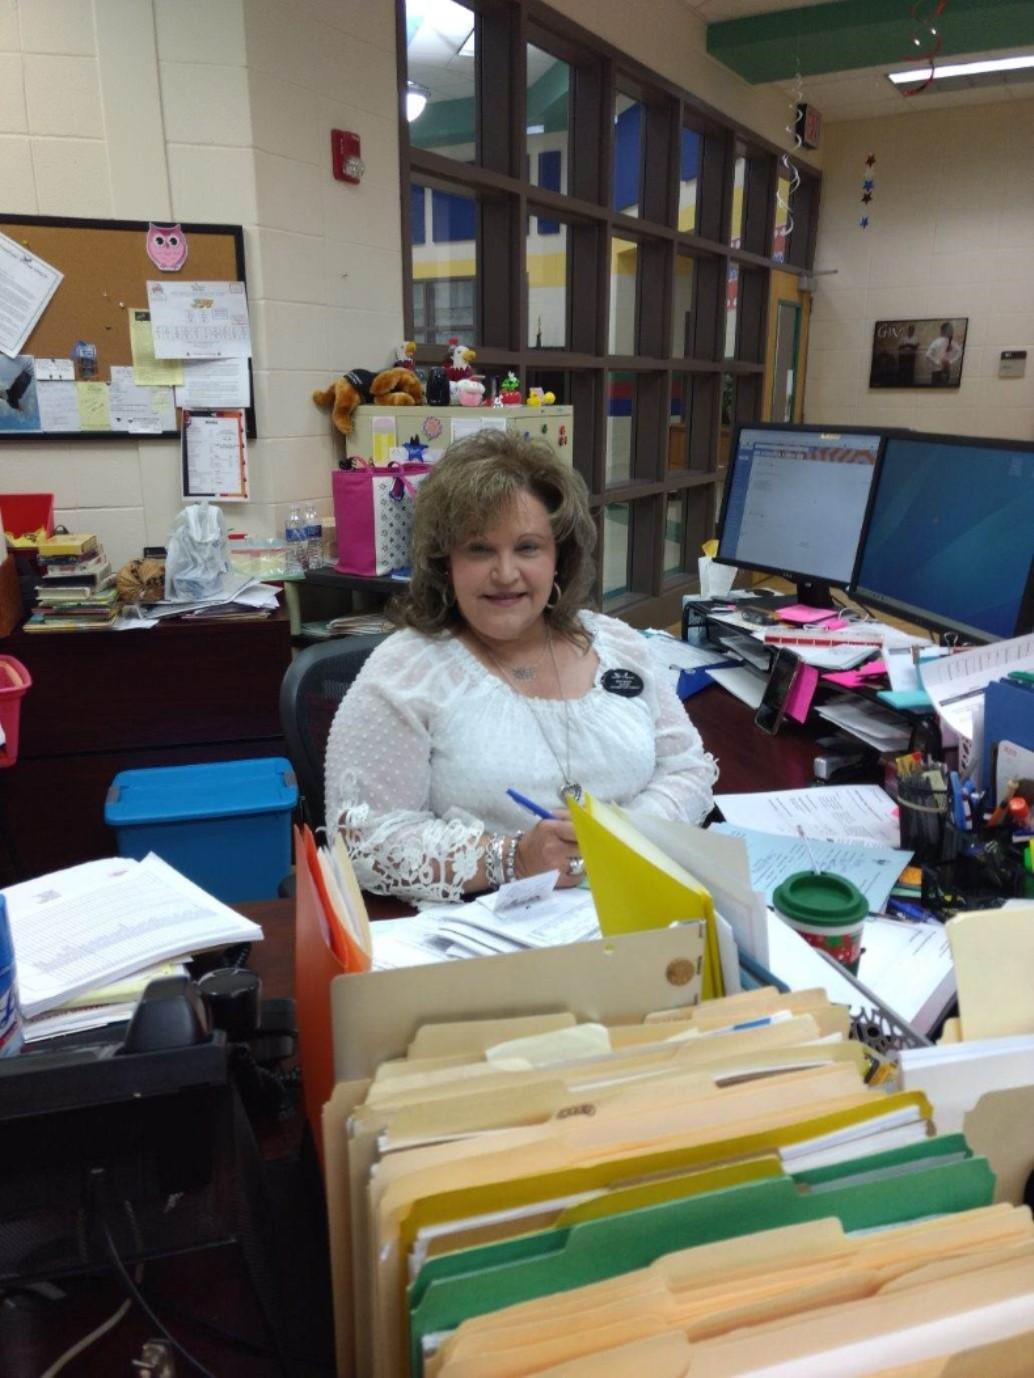 Mrs. Braddy